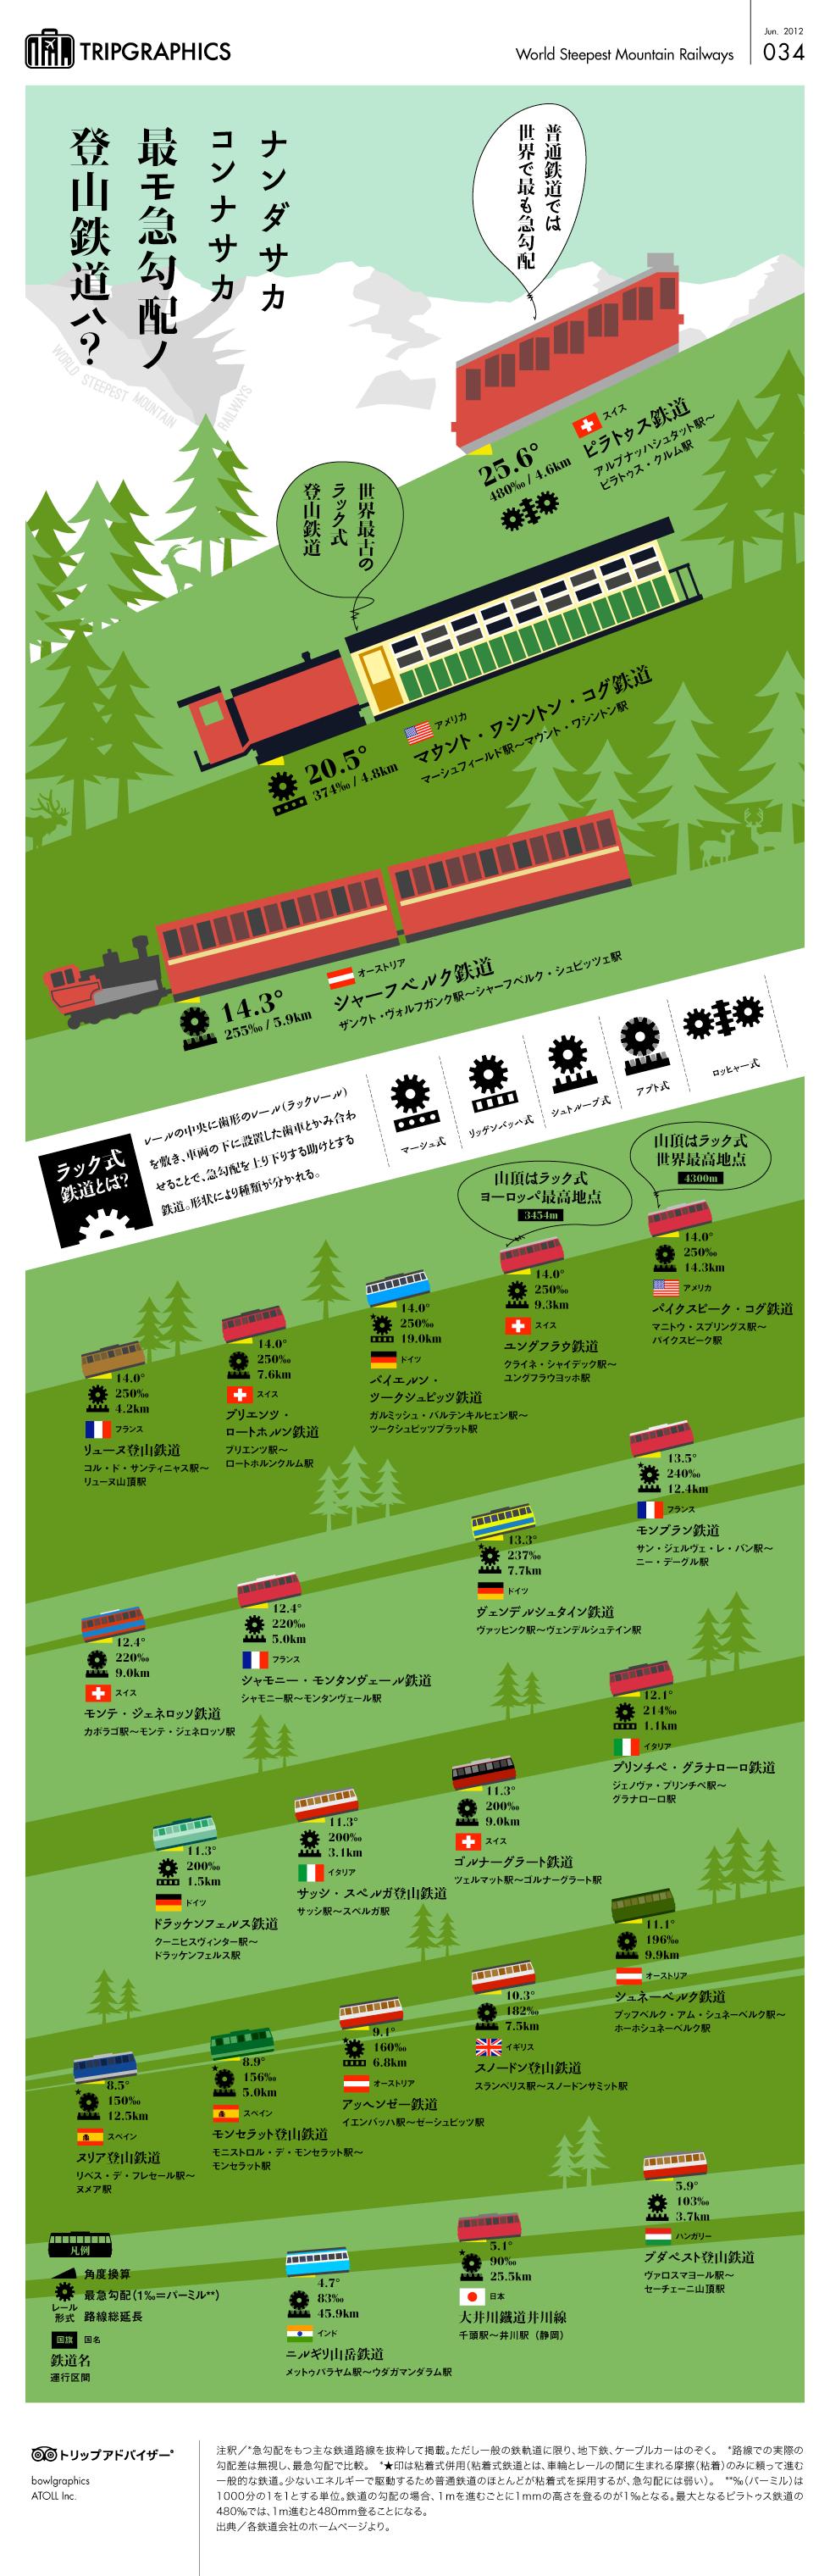 インフォグラフィック:最も急な電車は驚異の480パーミル。日本一は大井川鉄道